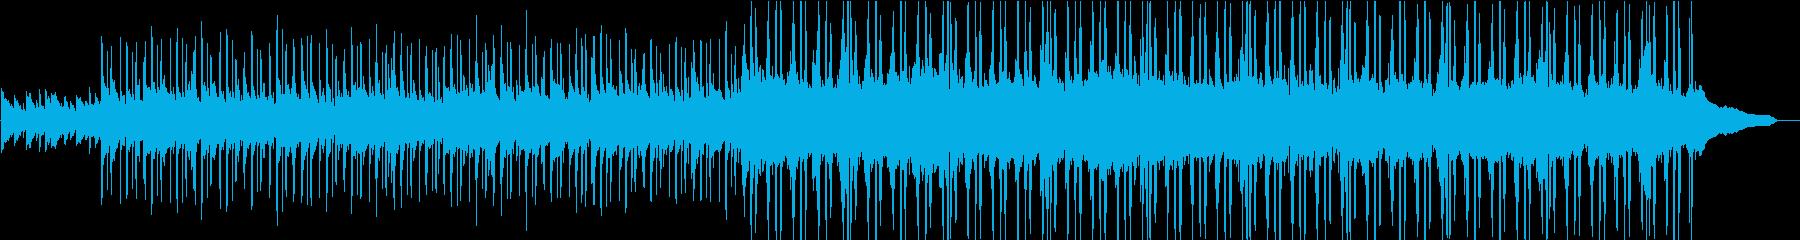 VP系10B、穏やか【メロ抜き】の再生済みの波形